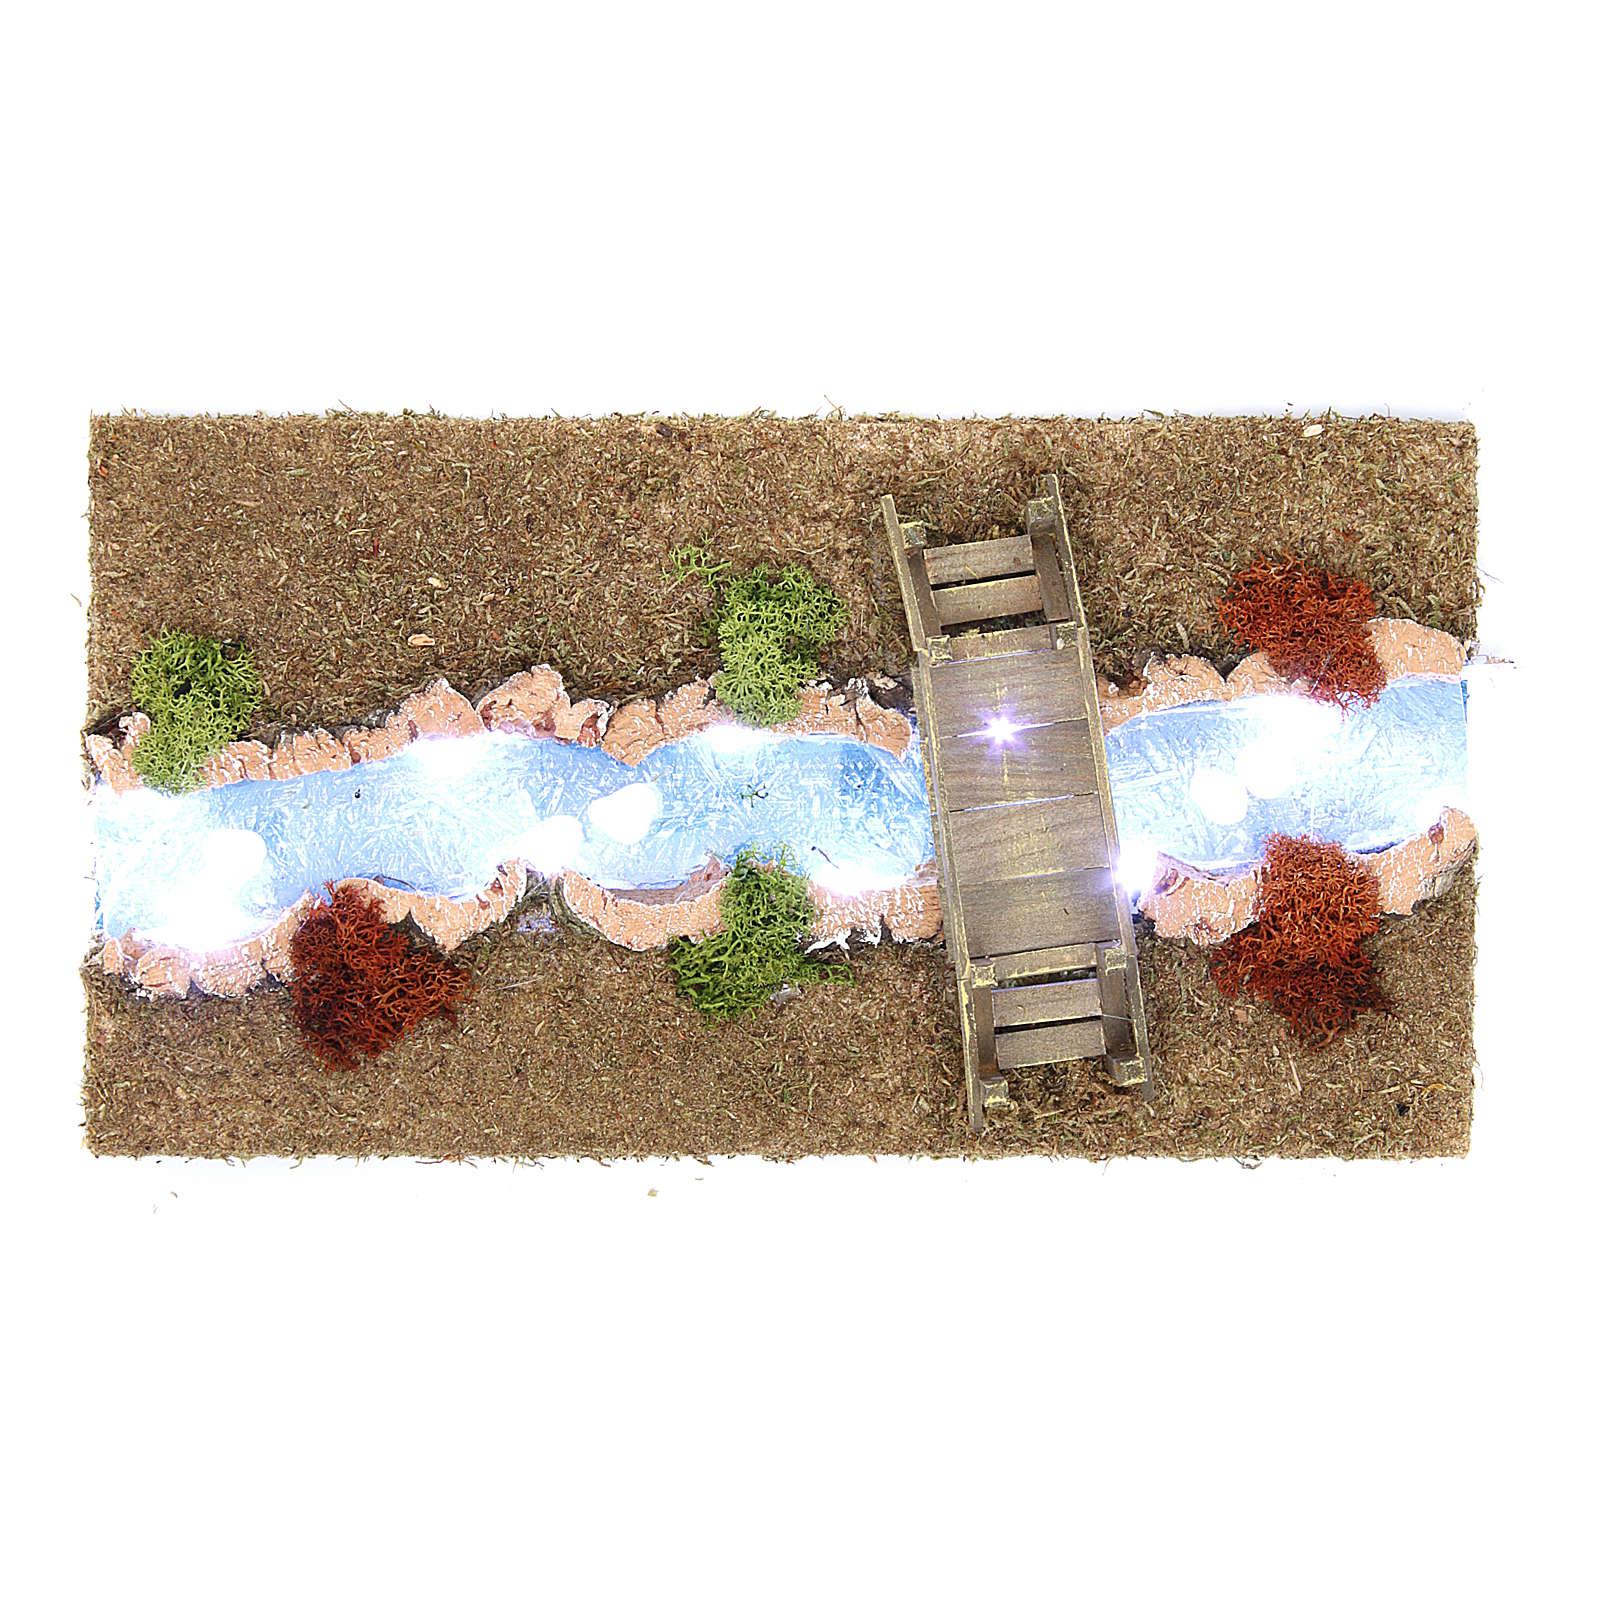 Río luminoso con puente 30x20 cm 4